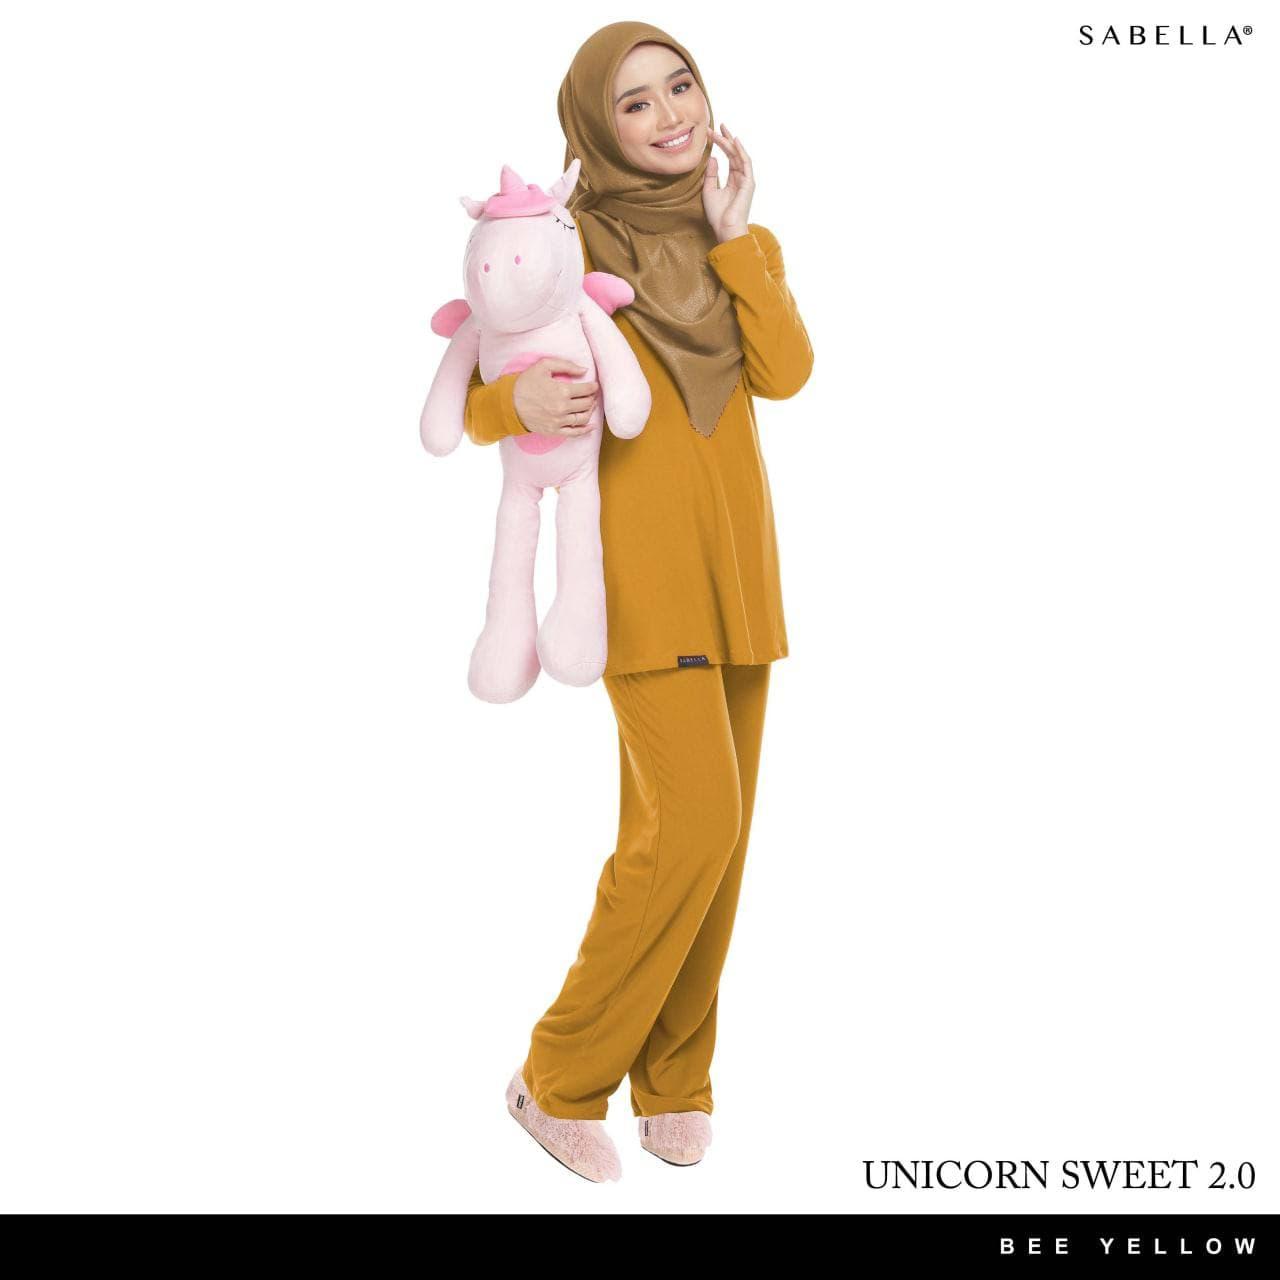 Unicorn Sweet 2.0 Bee Yellow